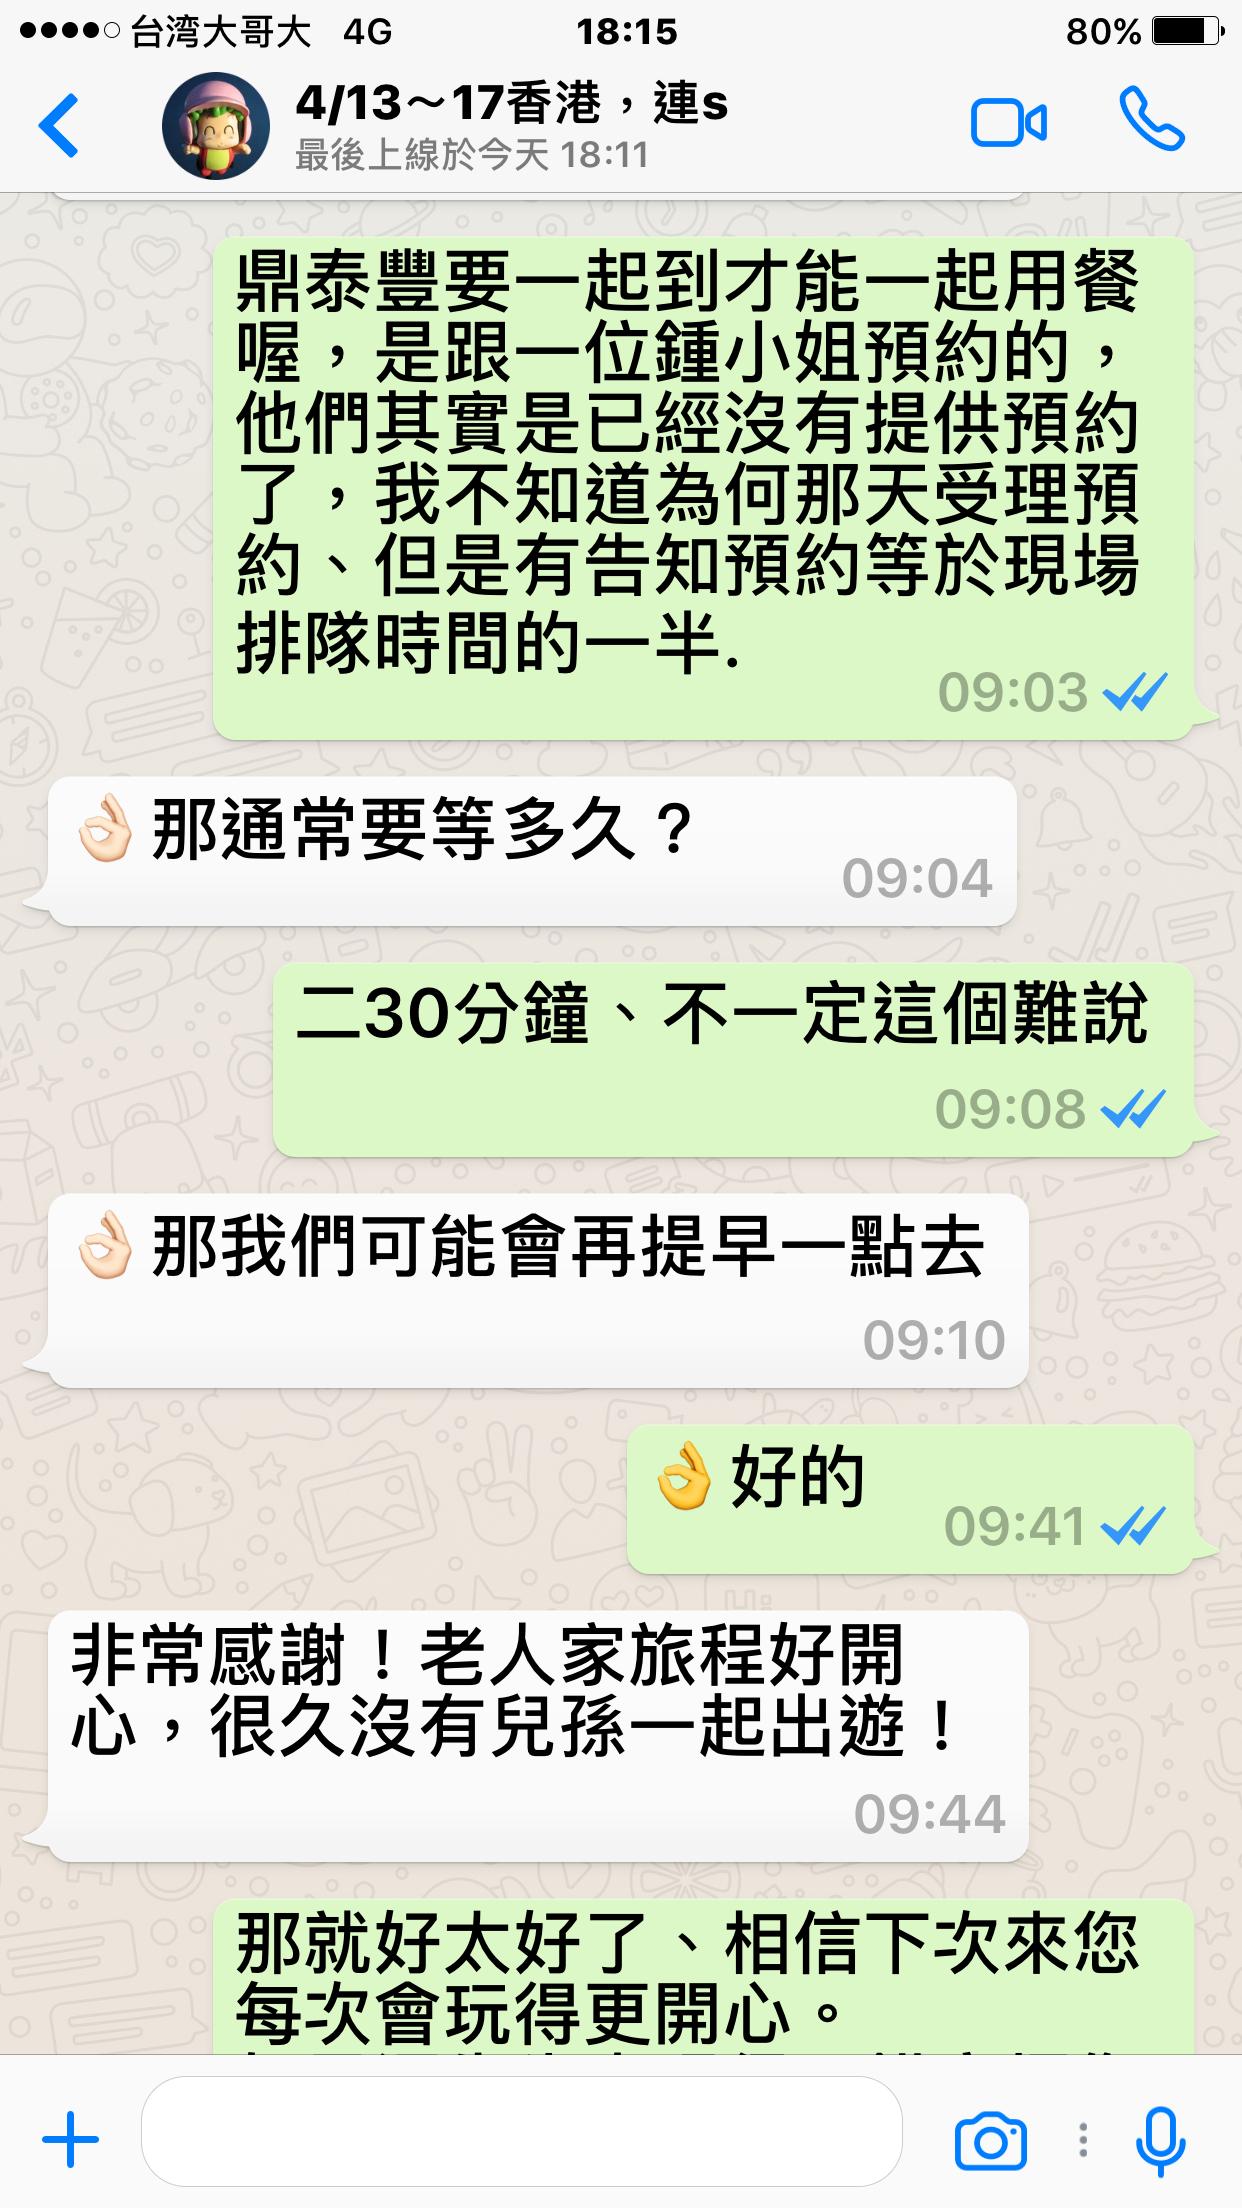 台灣自由行包車-評價_002.png